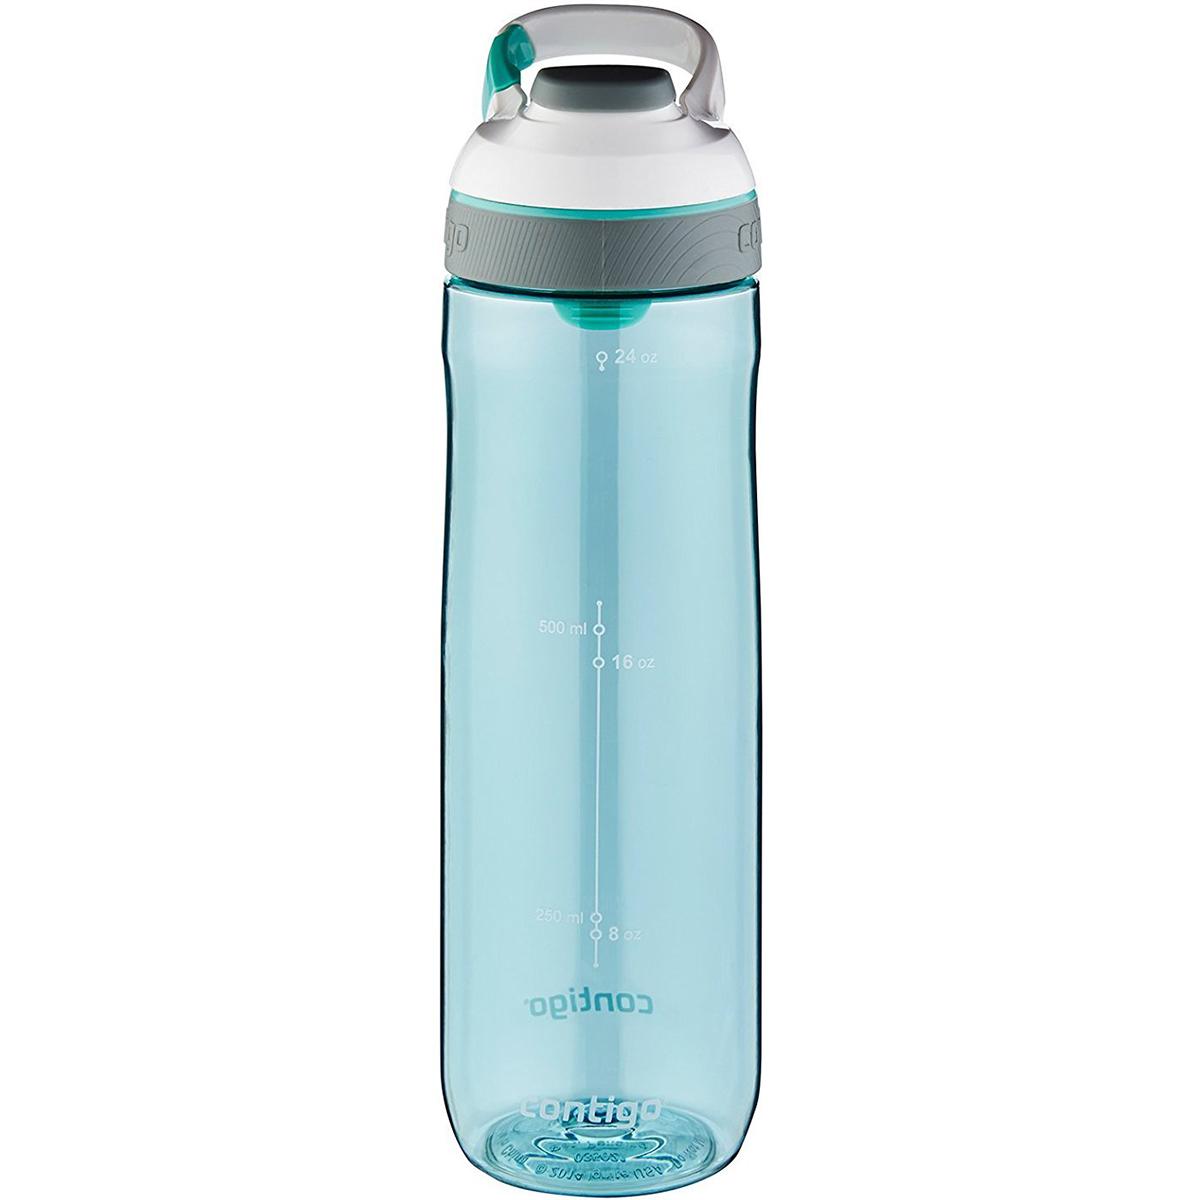 Contigo-24-oz-Cortland-Autoseal-Water-Bottle miniatura 3